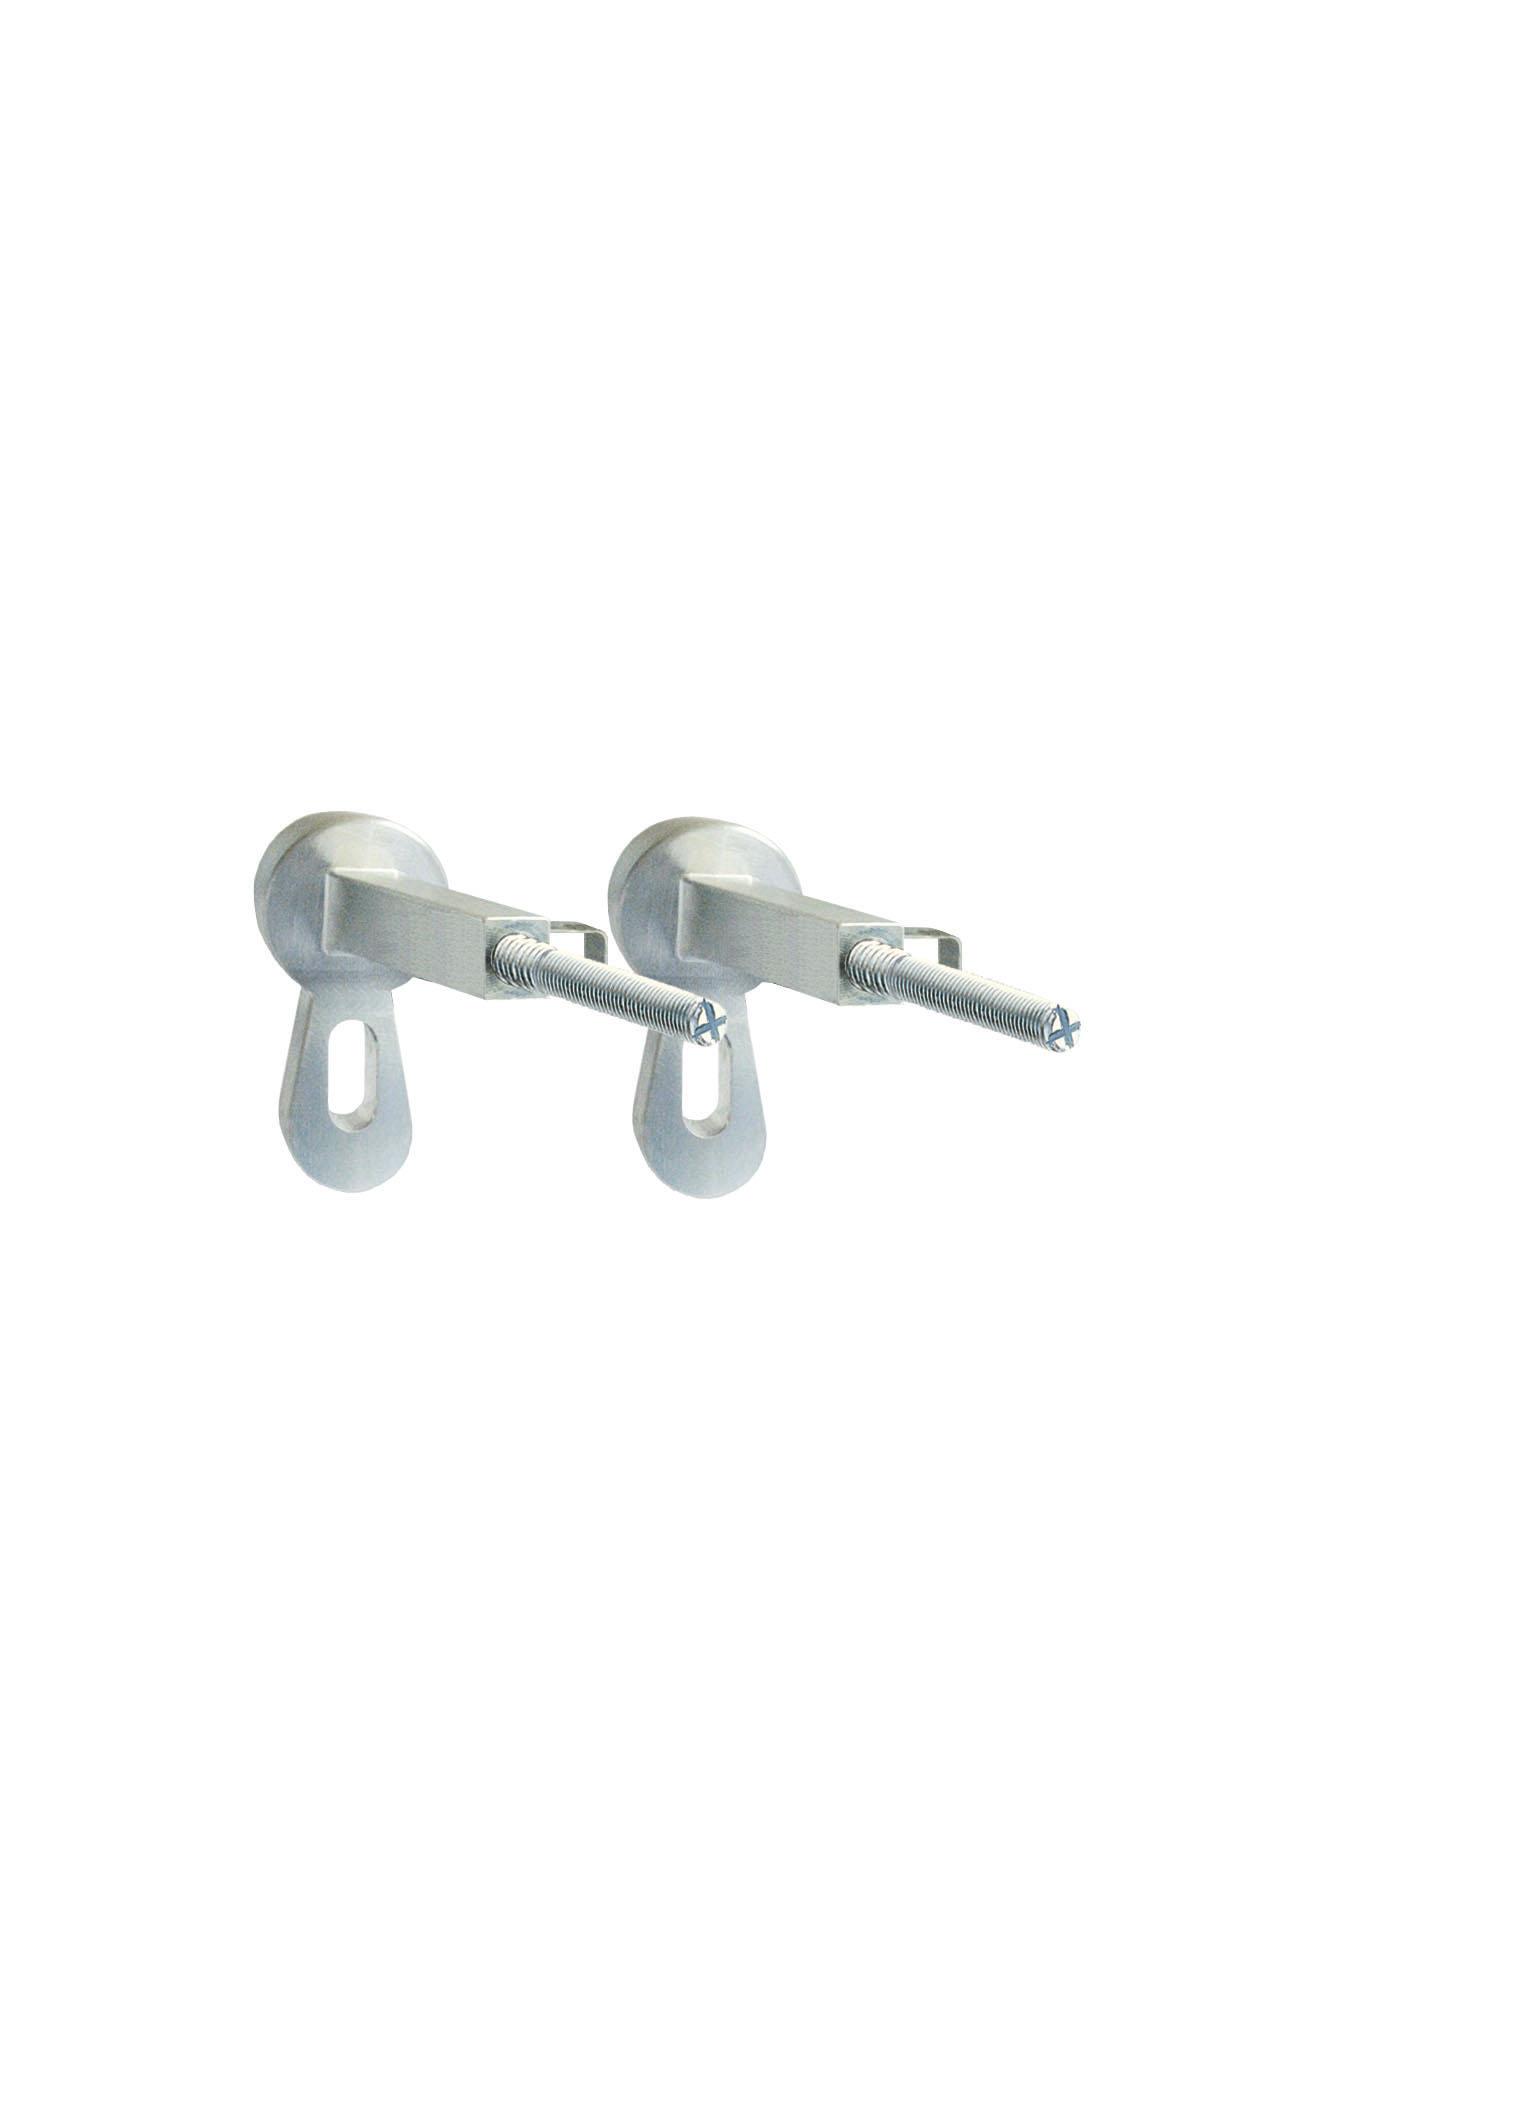 Уголок монтажный универсальный Grohe Rapid SL3855800MДля монтажа перед стенойДля крепления элементов к капитальной Стене или перед стеной-перегородкойБесступенчатая регулировка глубины от 130 - 203 ммОблицовка для одиночного или рельсового МонтажаКрепежный материал2 шт